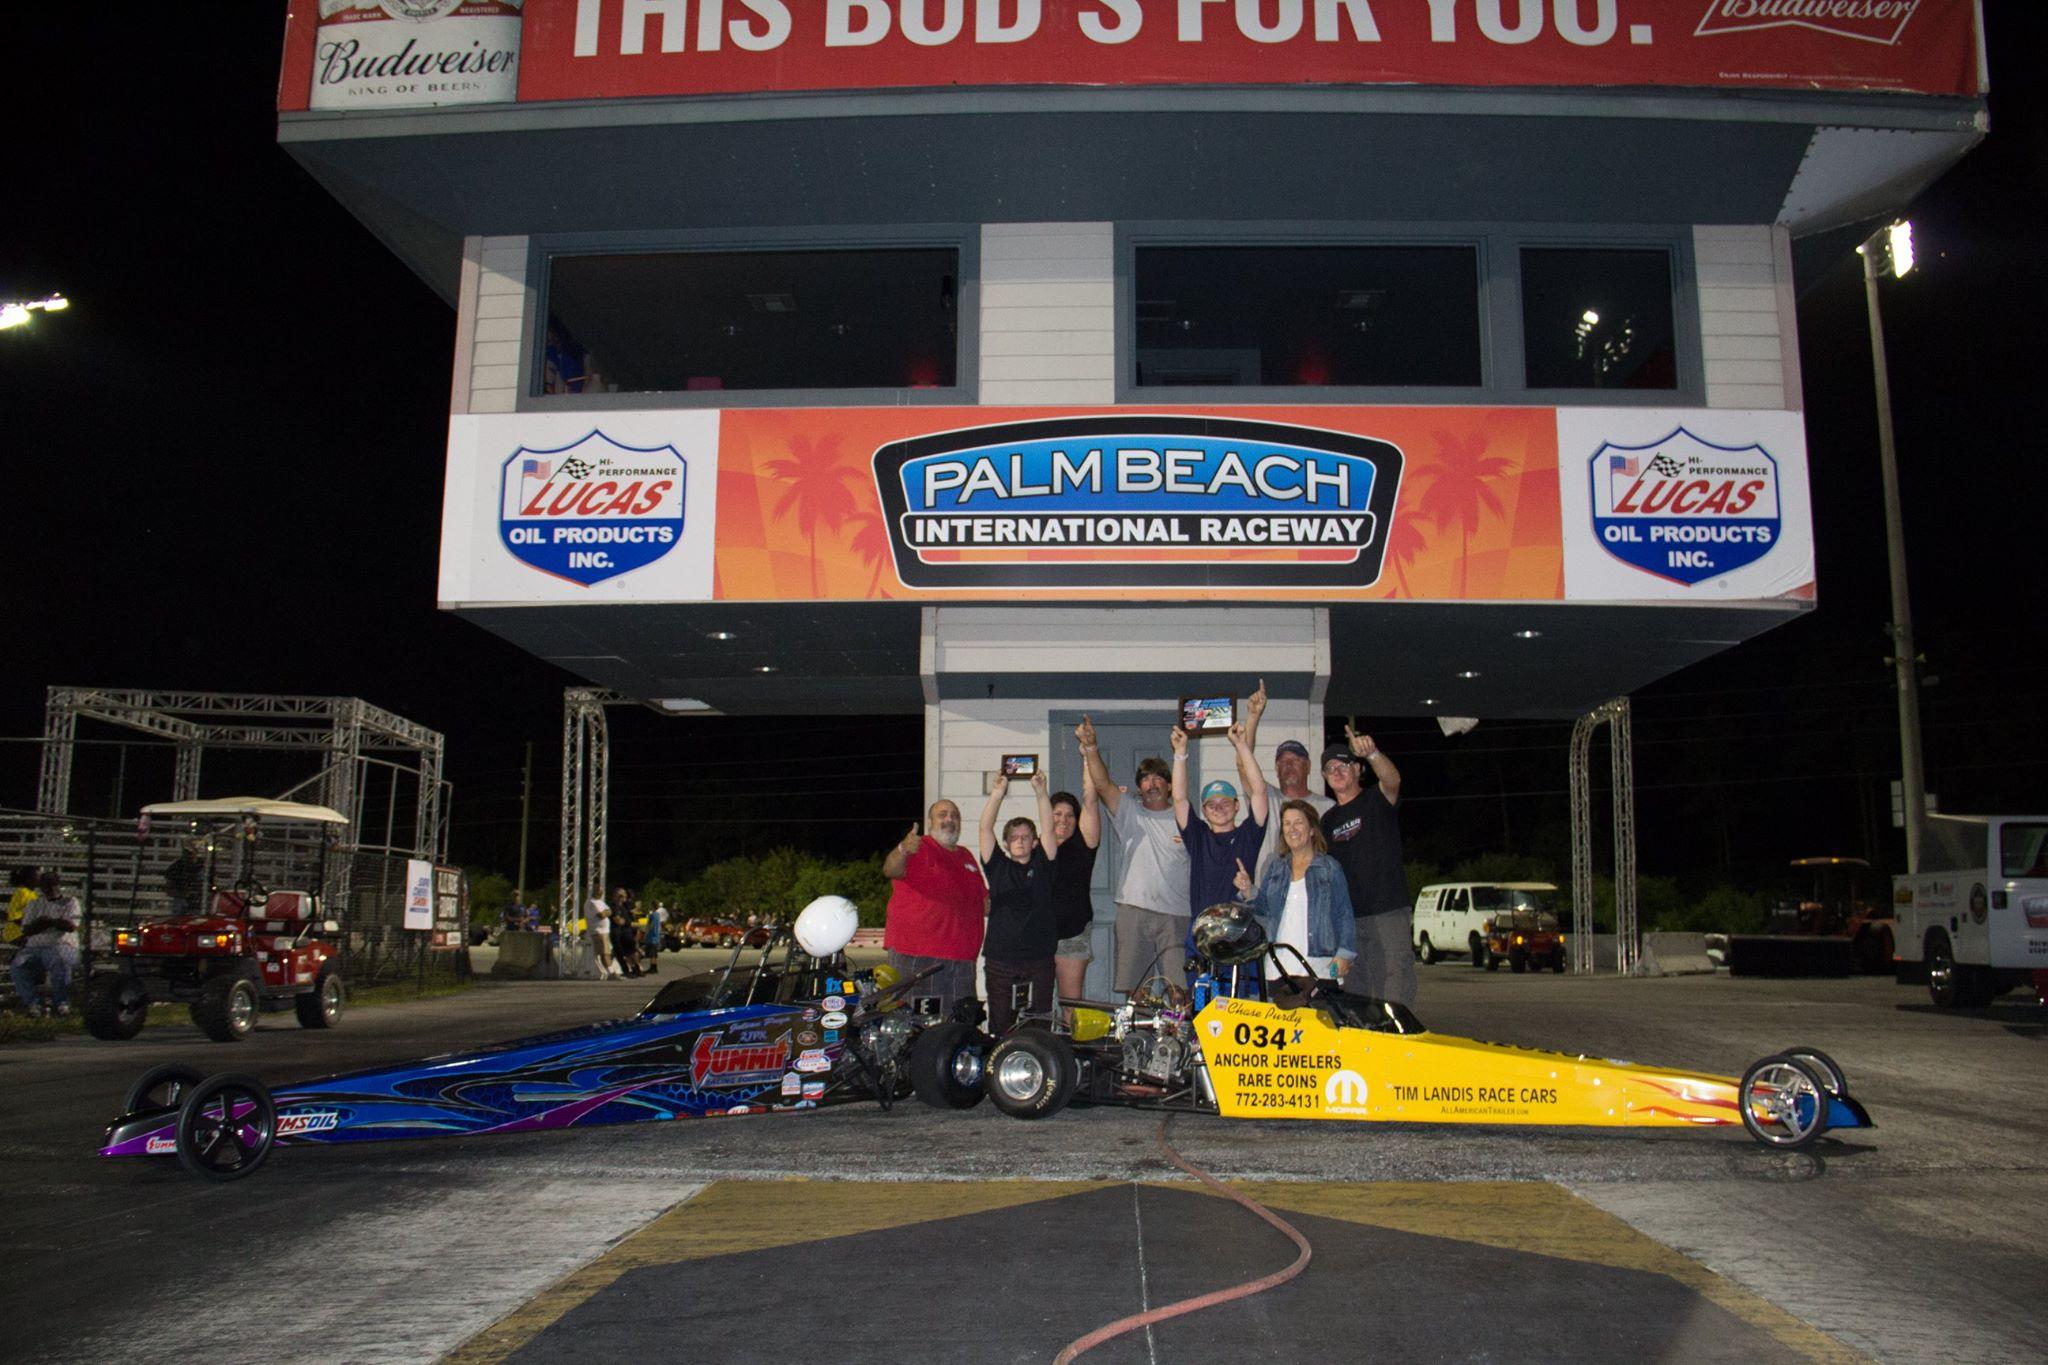 Palm Beach International Raceway - Jupiter Webpagedepot